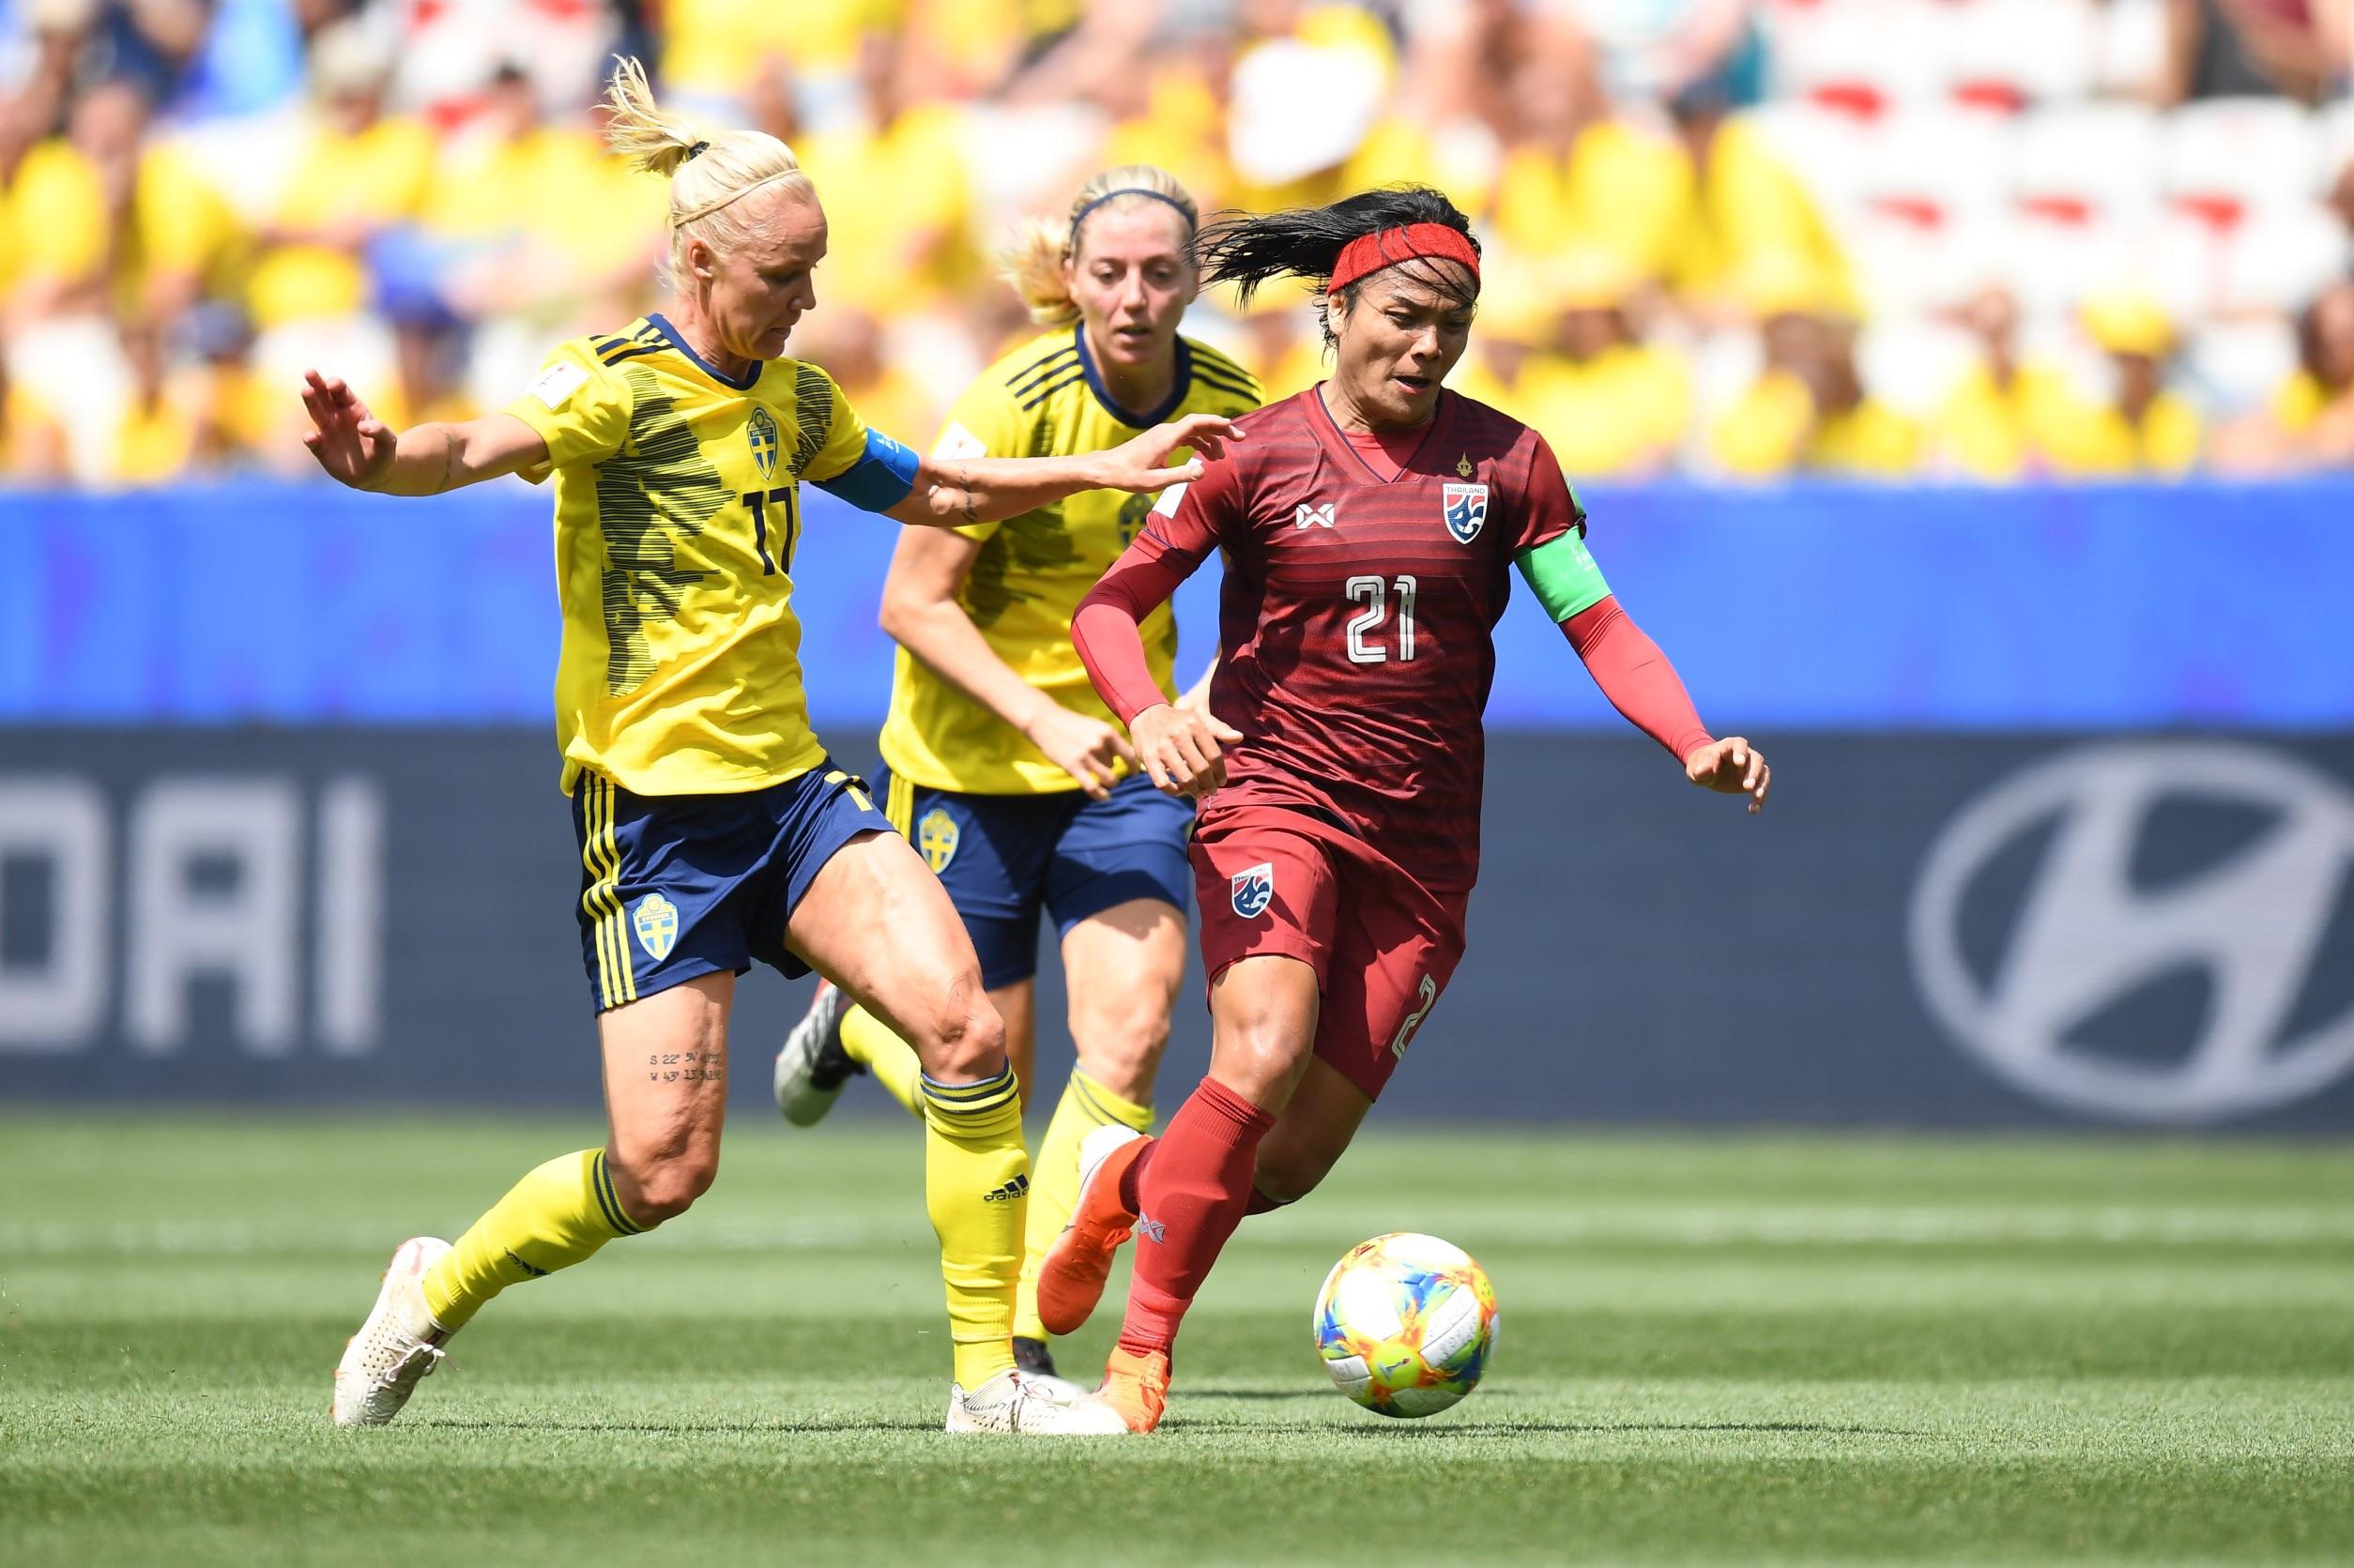 ทีมชาติสวีเดน ฟุตบอลหญิงชิงแชมป์โลก 2019 ฟุตบอลหญิงทีมชาติไทย ฟุตบอลโลกหญิง 2019